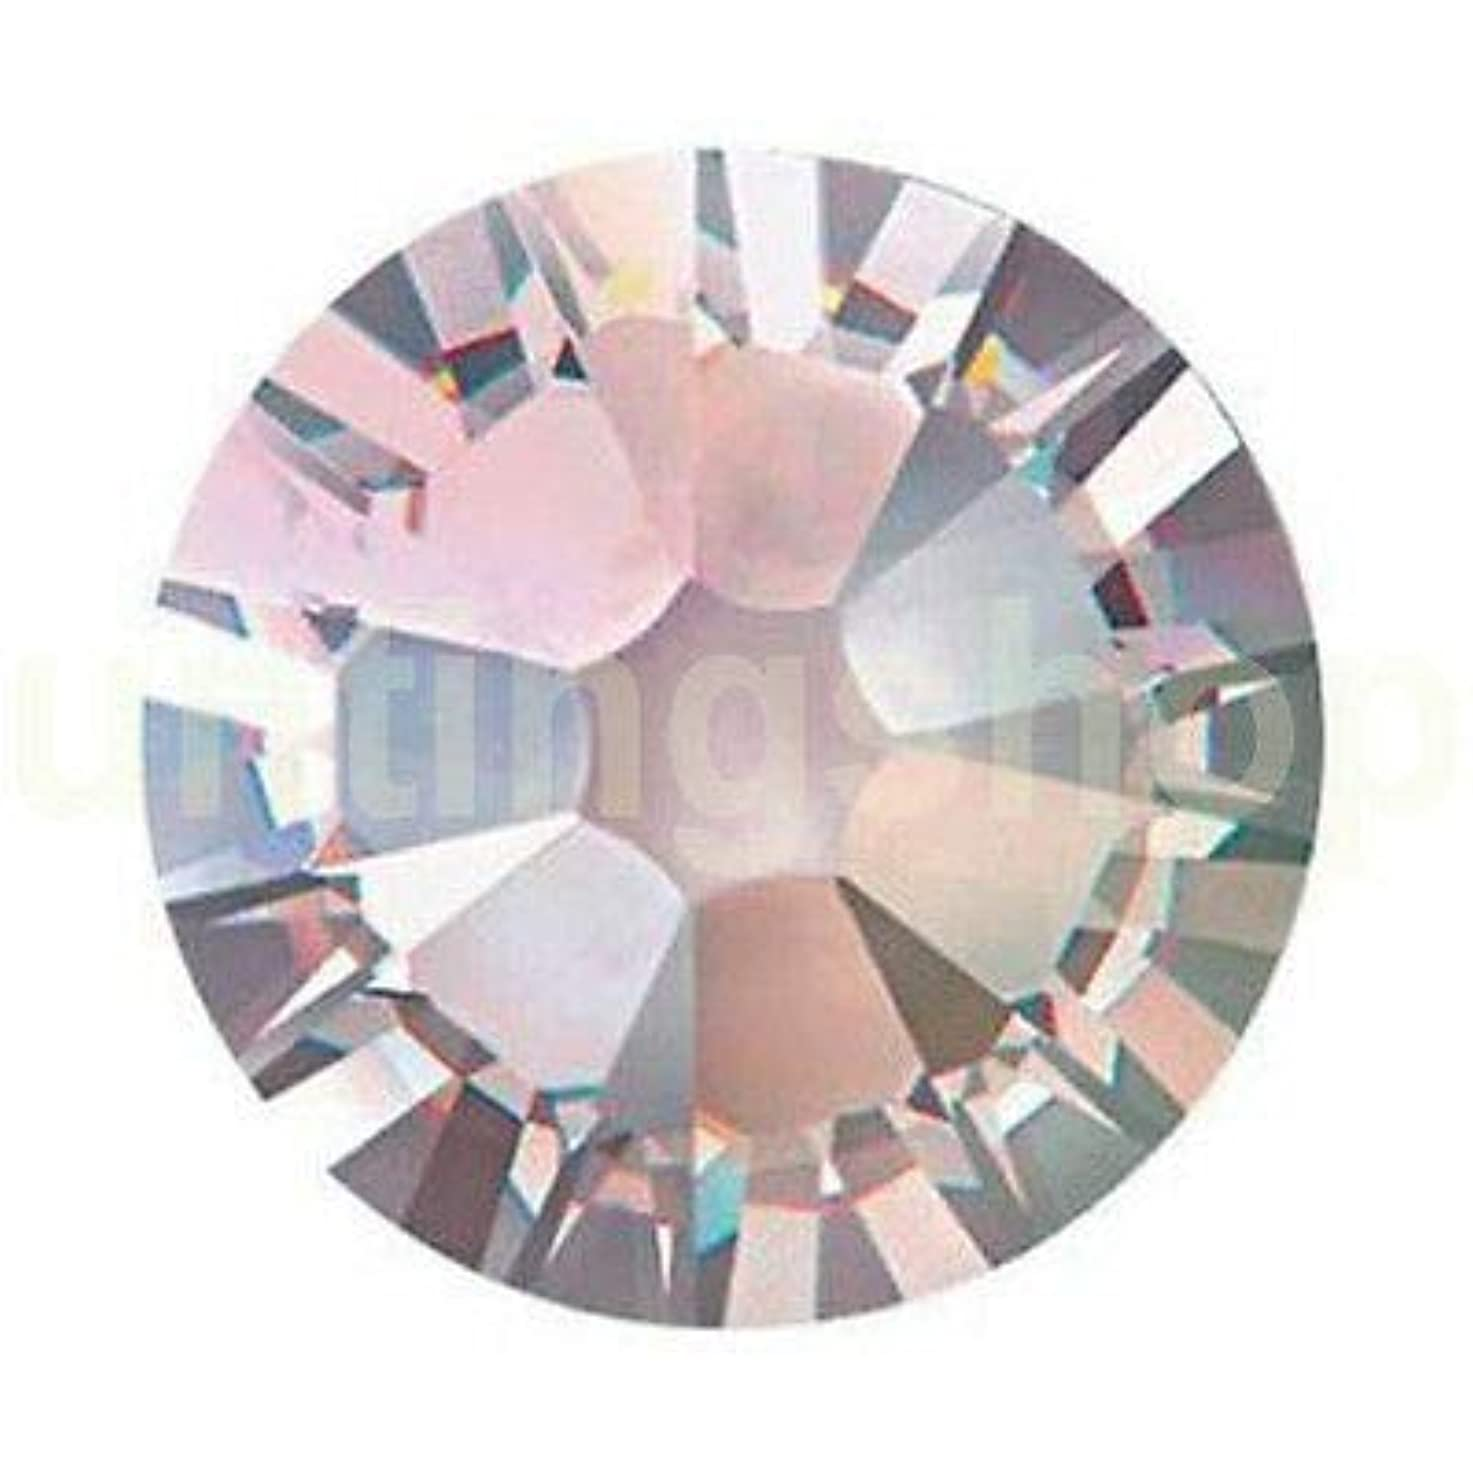 仕様間に合わせゆでるFidgetGear DIY 1.3-8.5 mmクリスタルヒラタラインストーンネイルアートデコレーションSS3-SS40 クリスタルAB